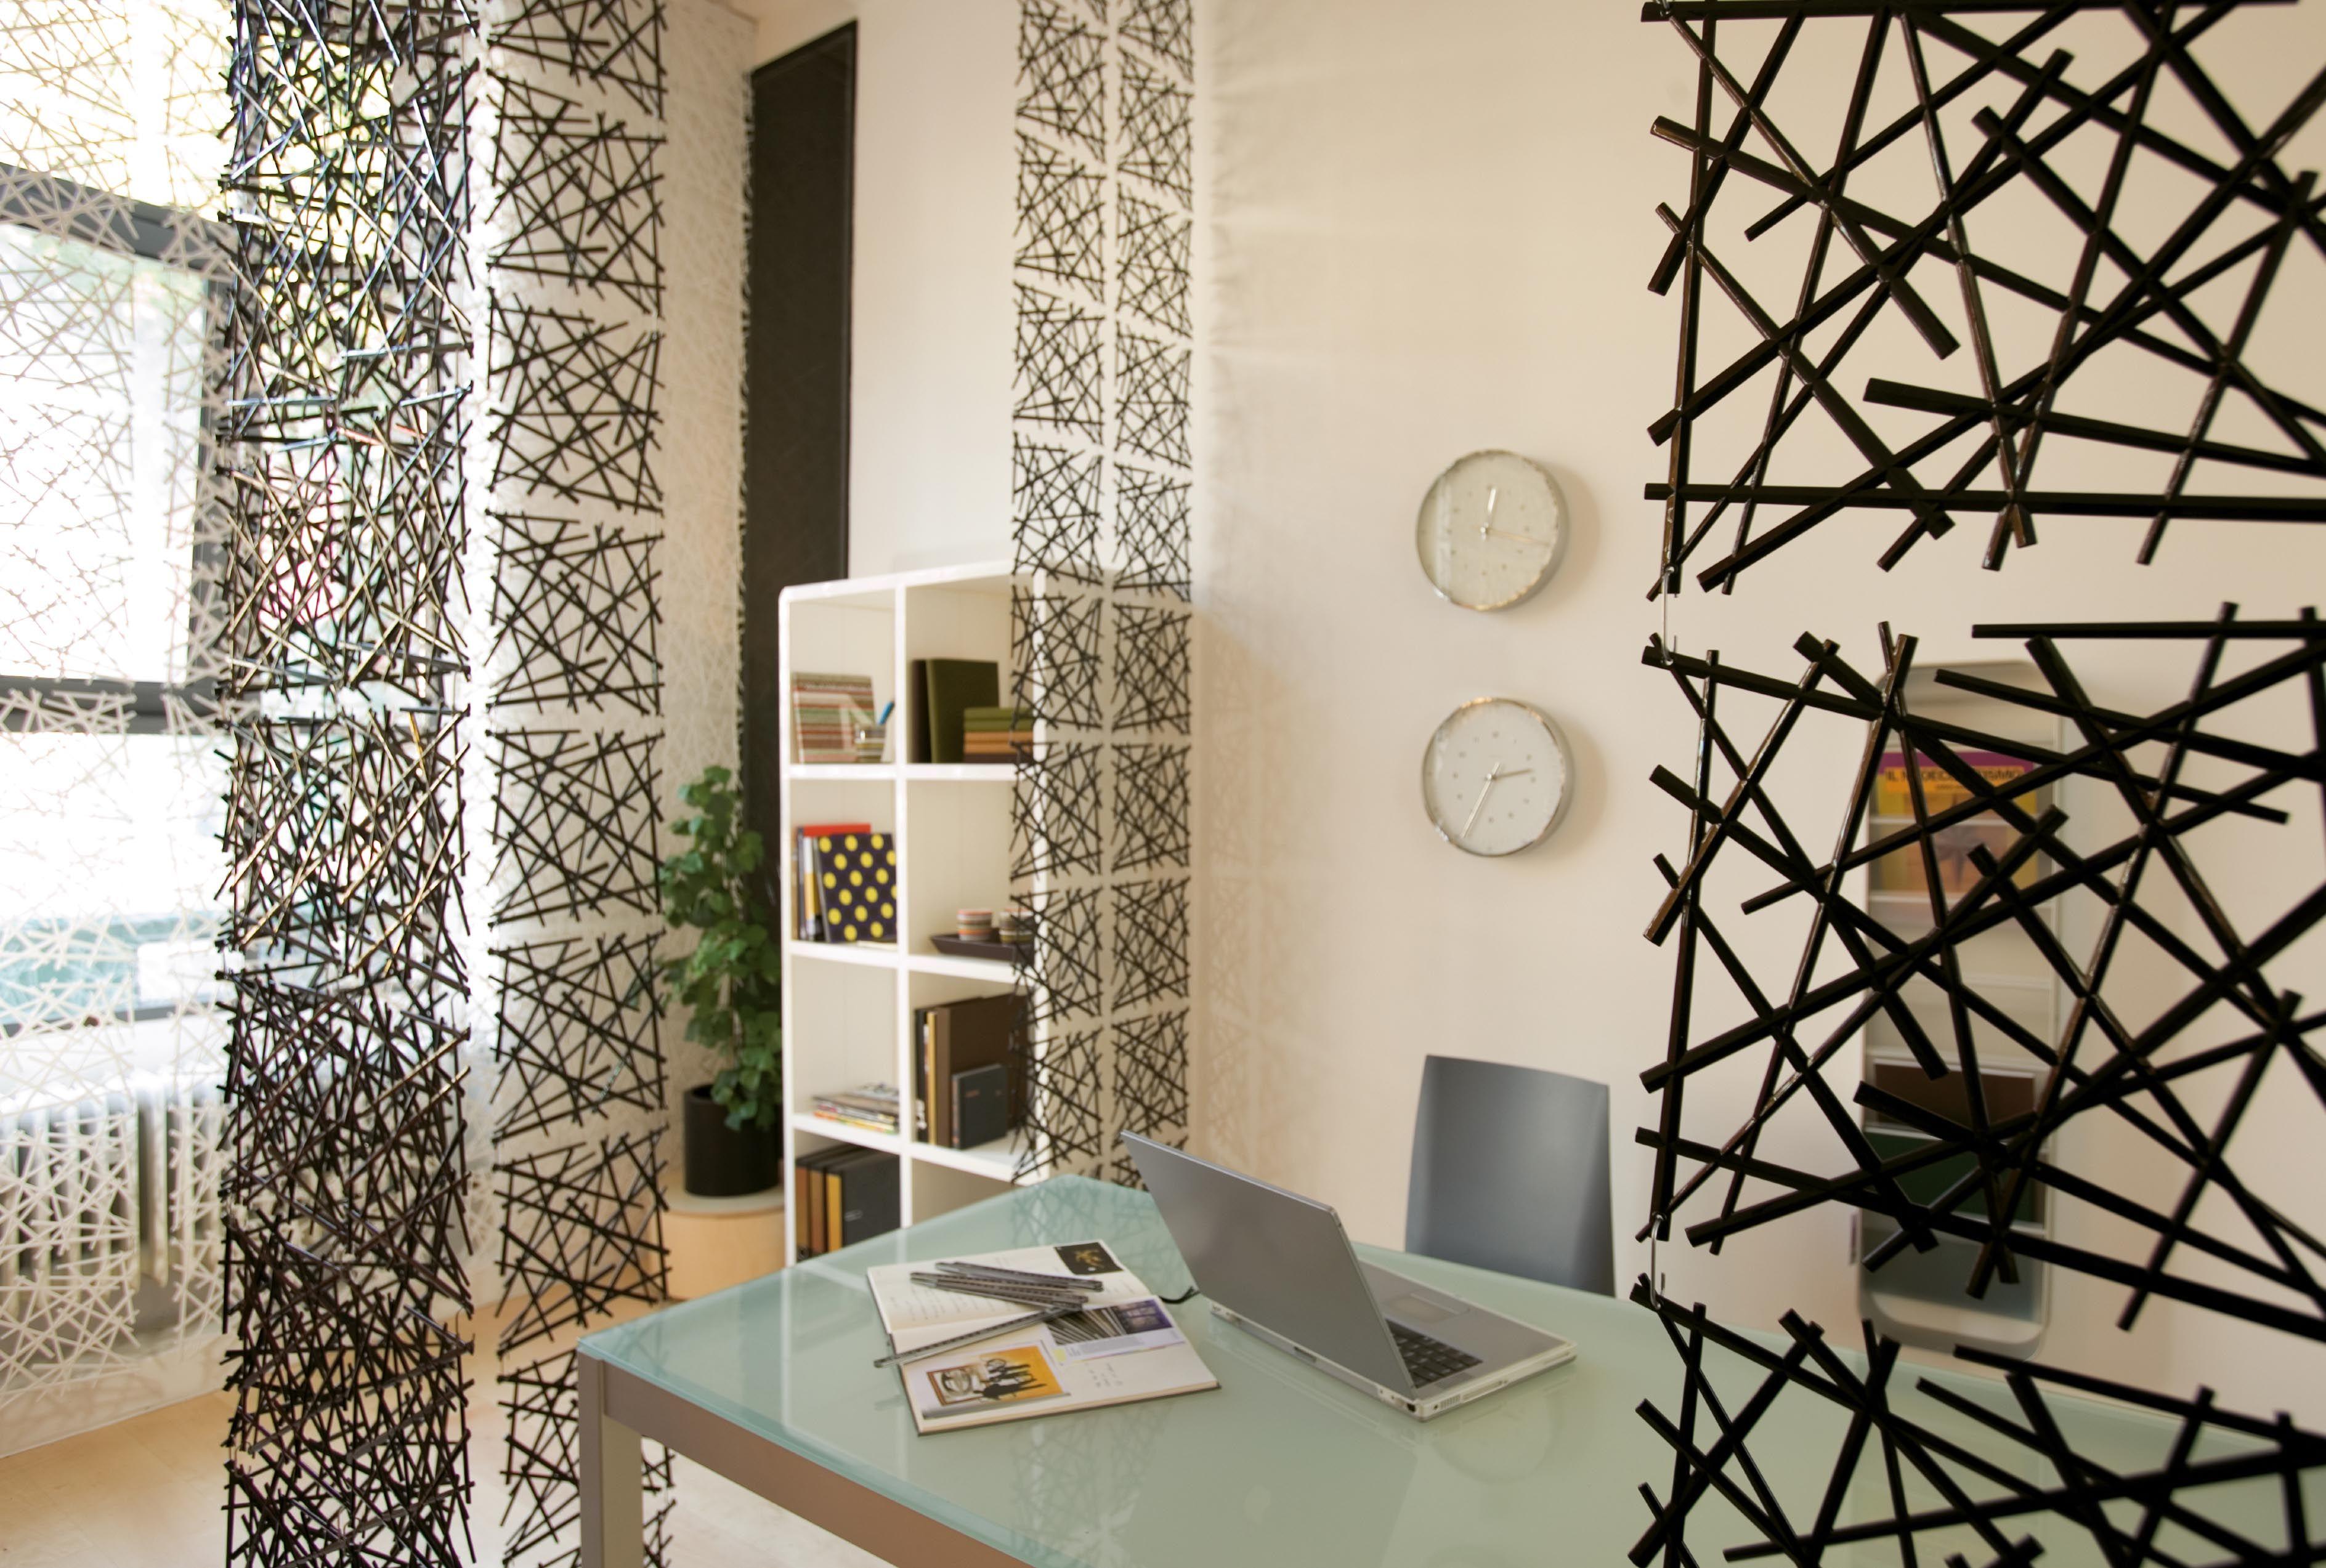 case pareti divisorie per cucina soggiorno: tiarch.com lampadario ... - Pannelli Divisori Cucina Soggiorno 2